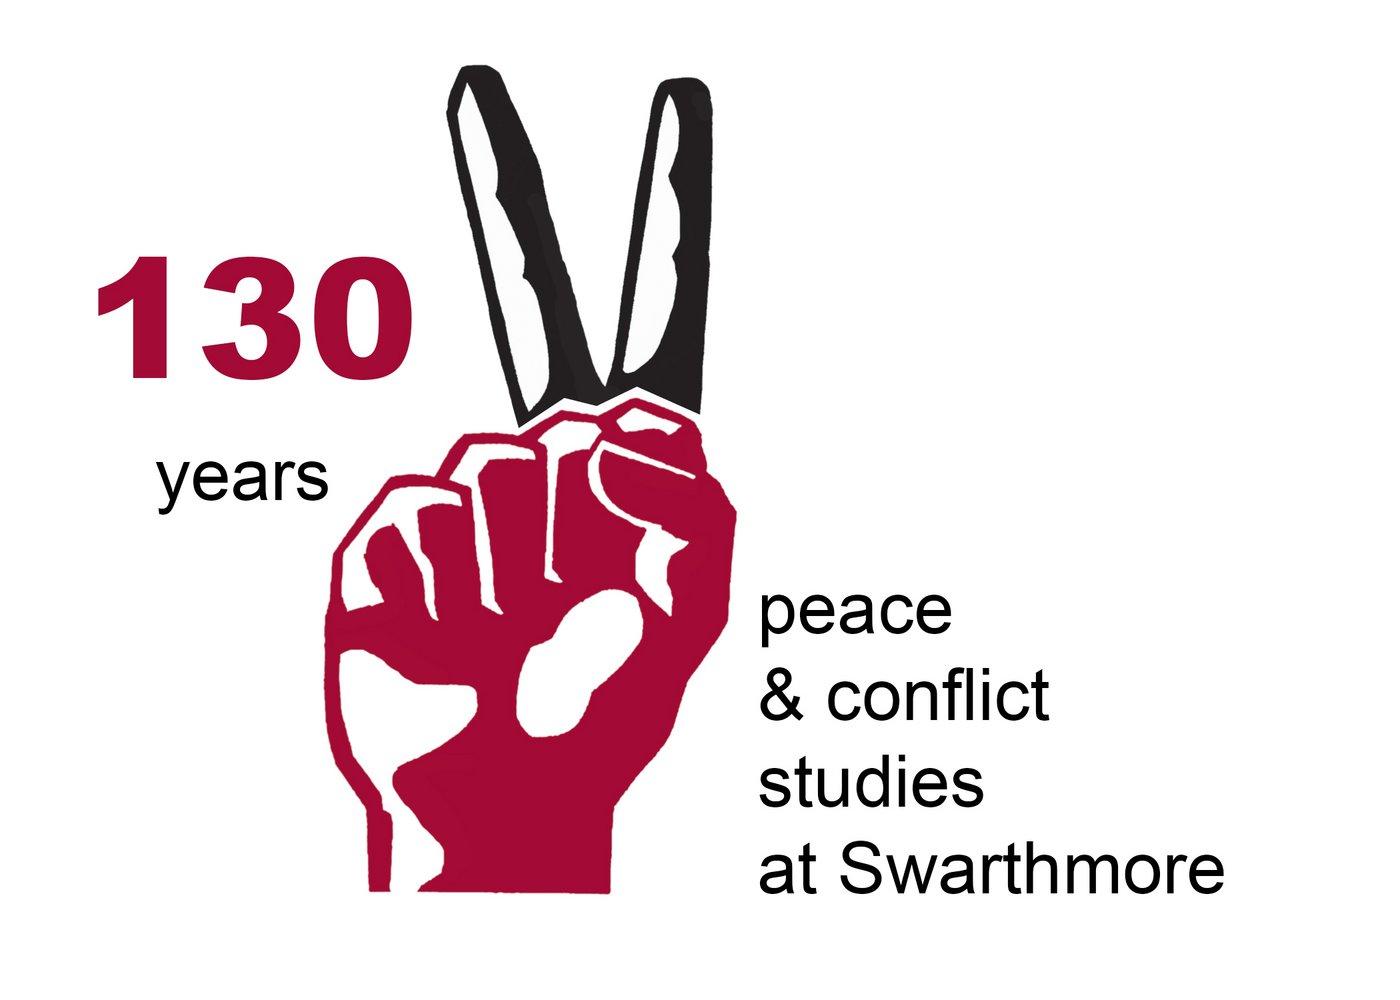 PEAC celebrates 130 years at Swarthmore